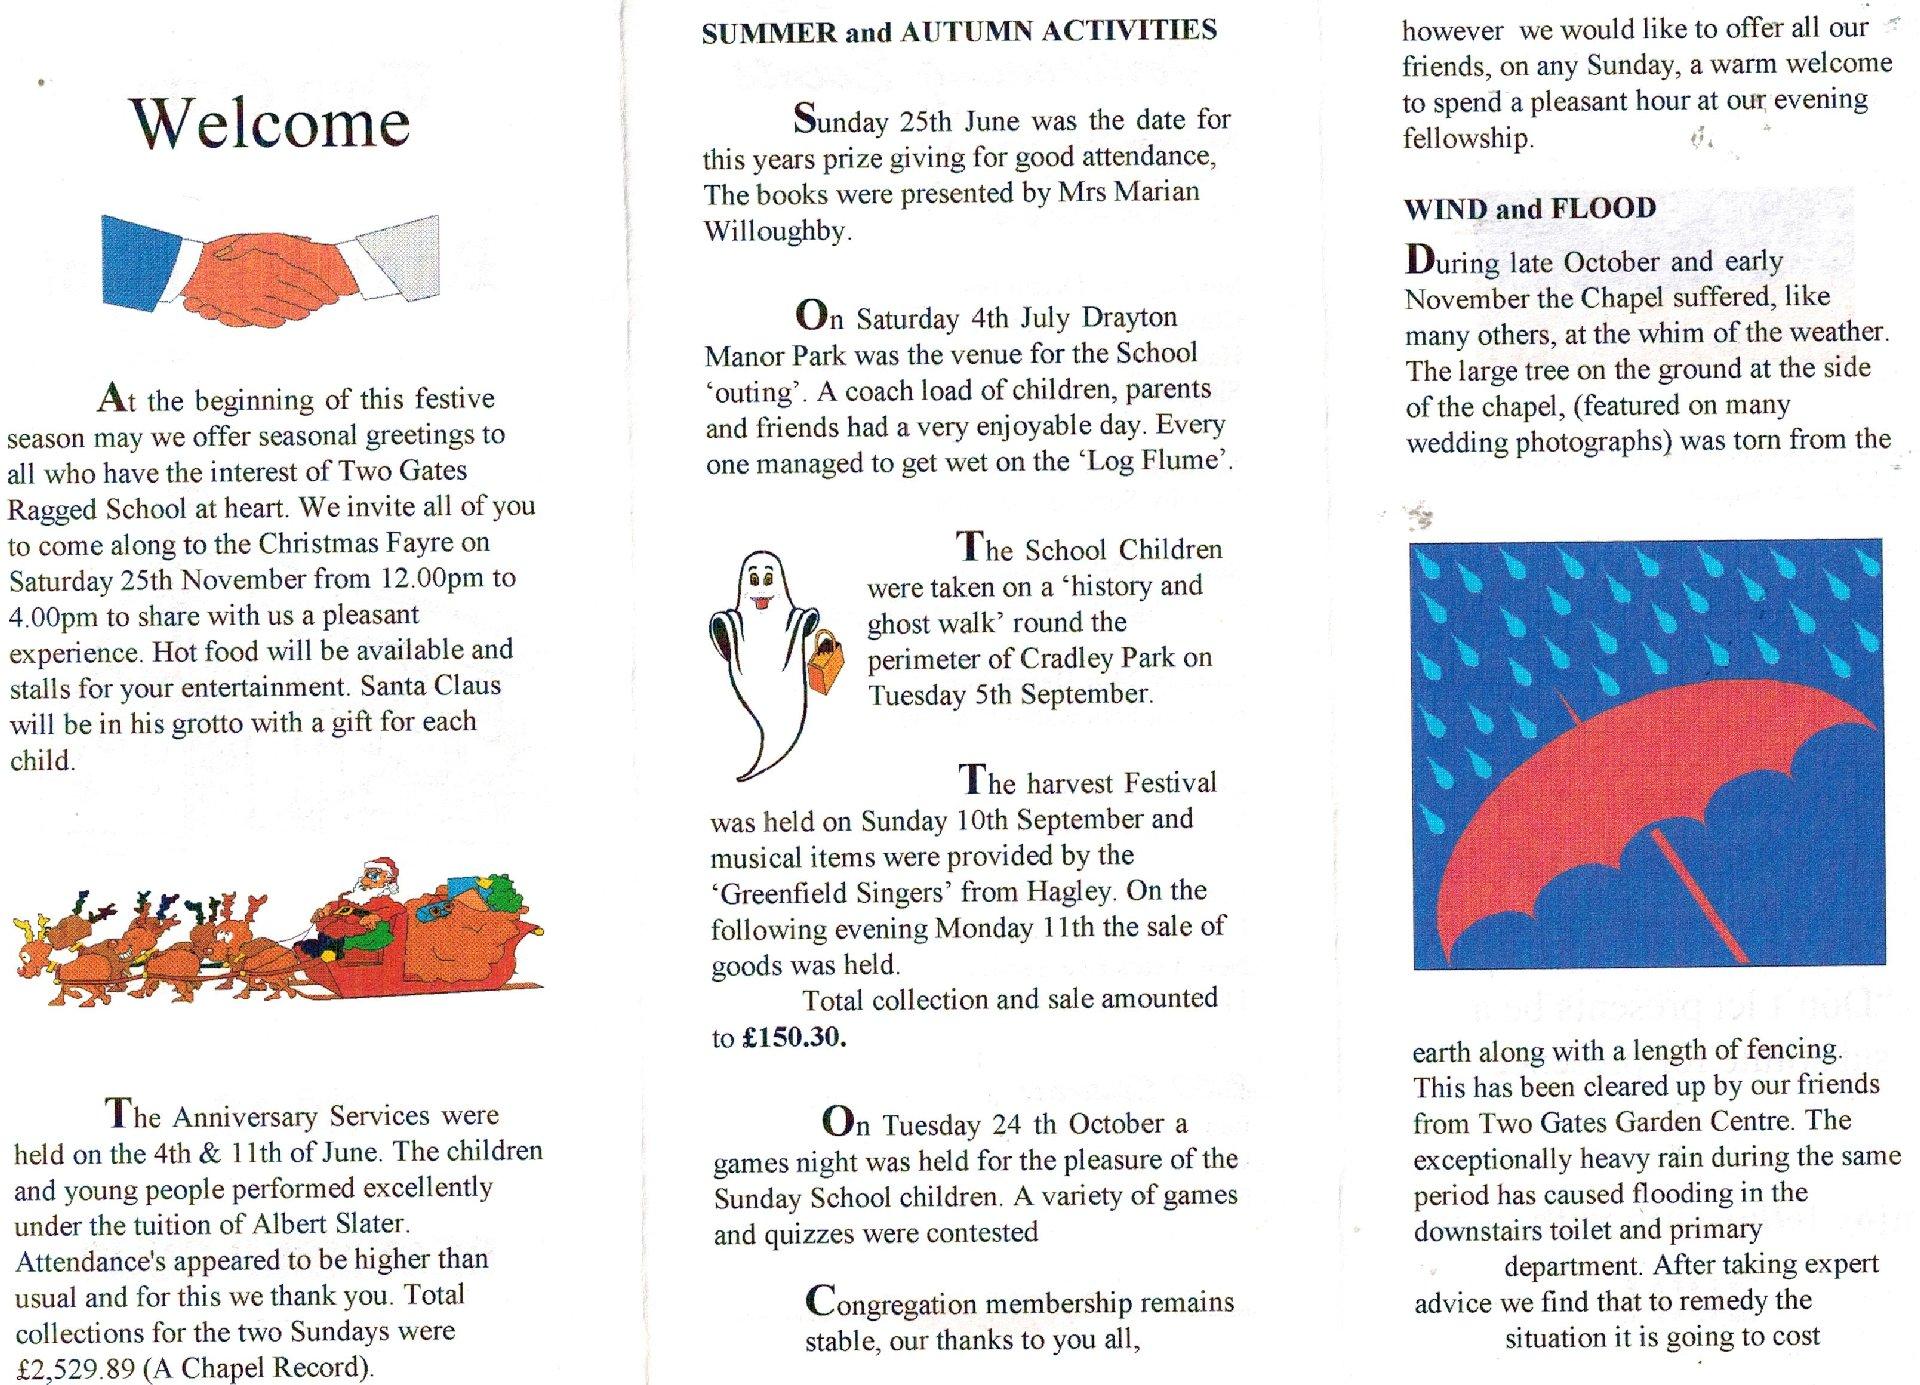 J032b_Newsletter_12_[Dec-2000]